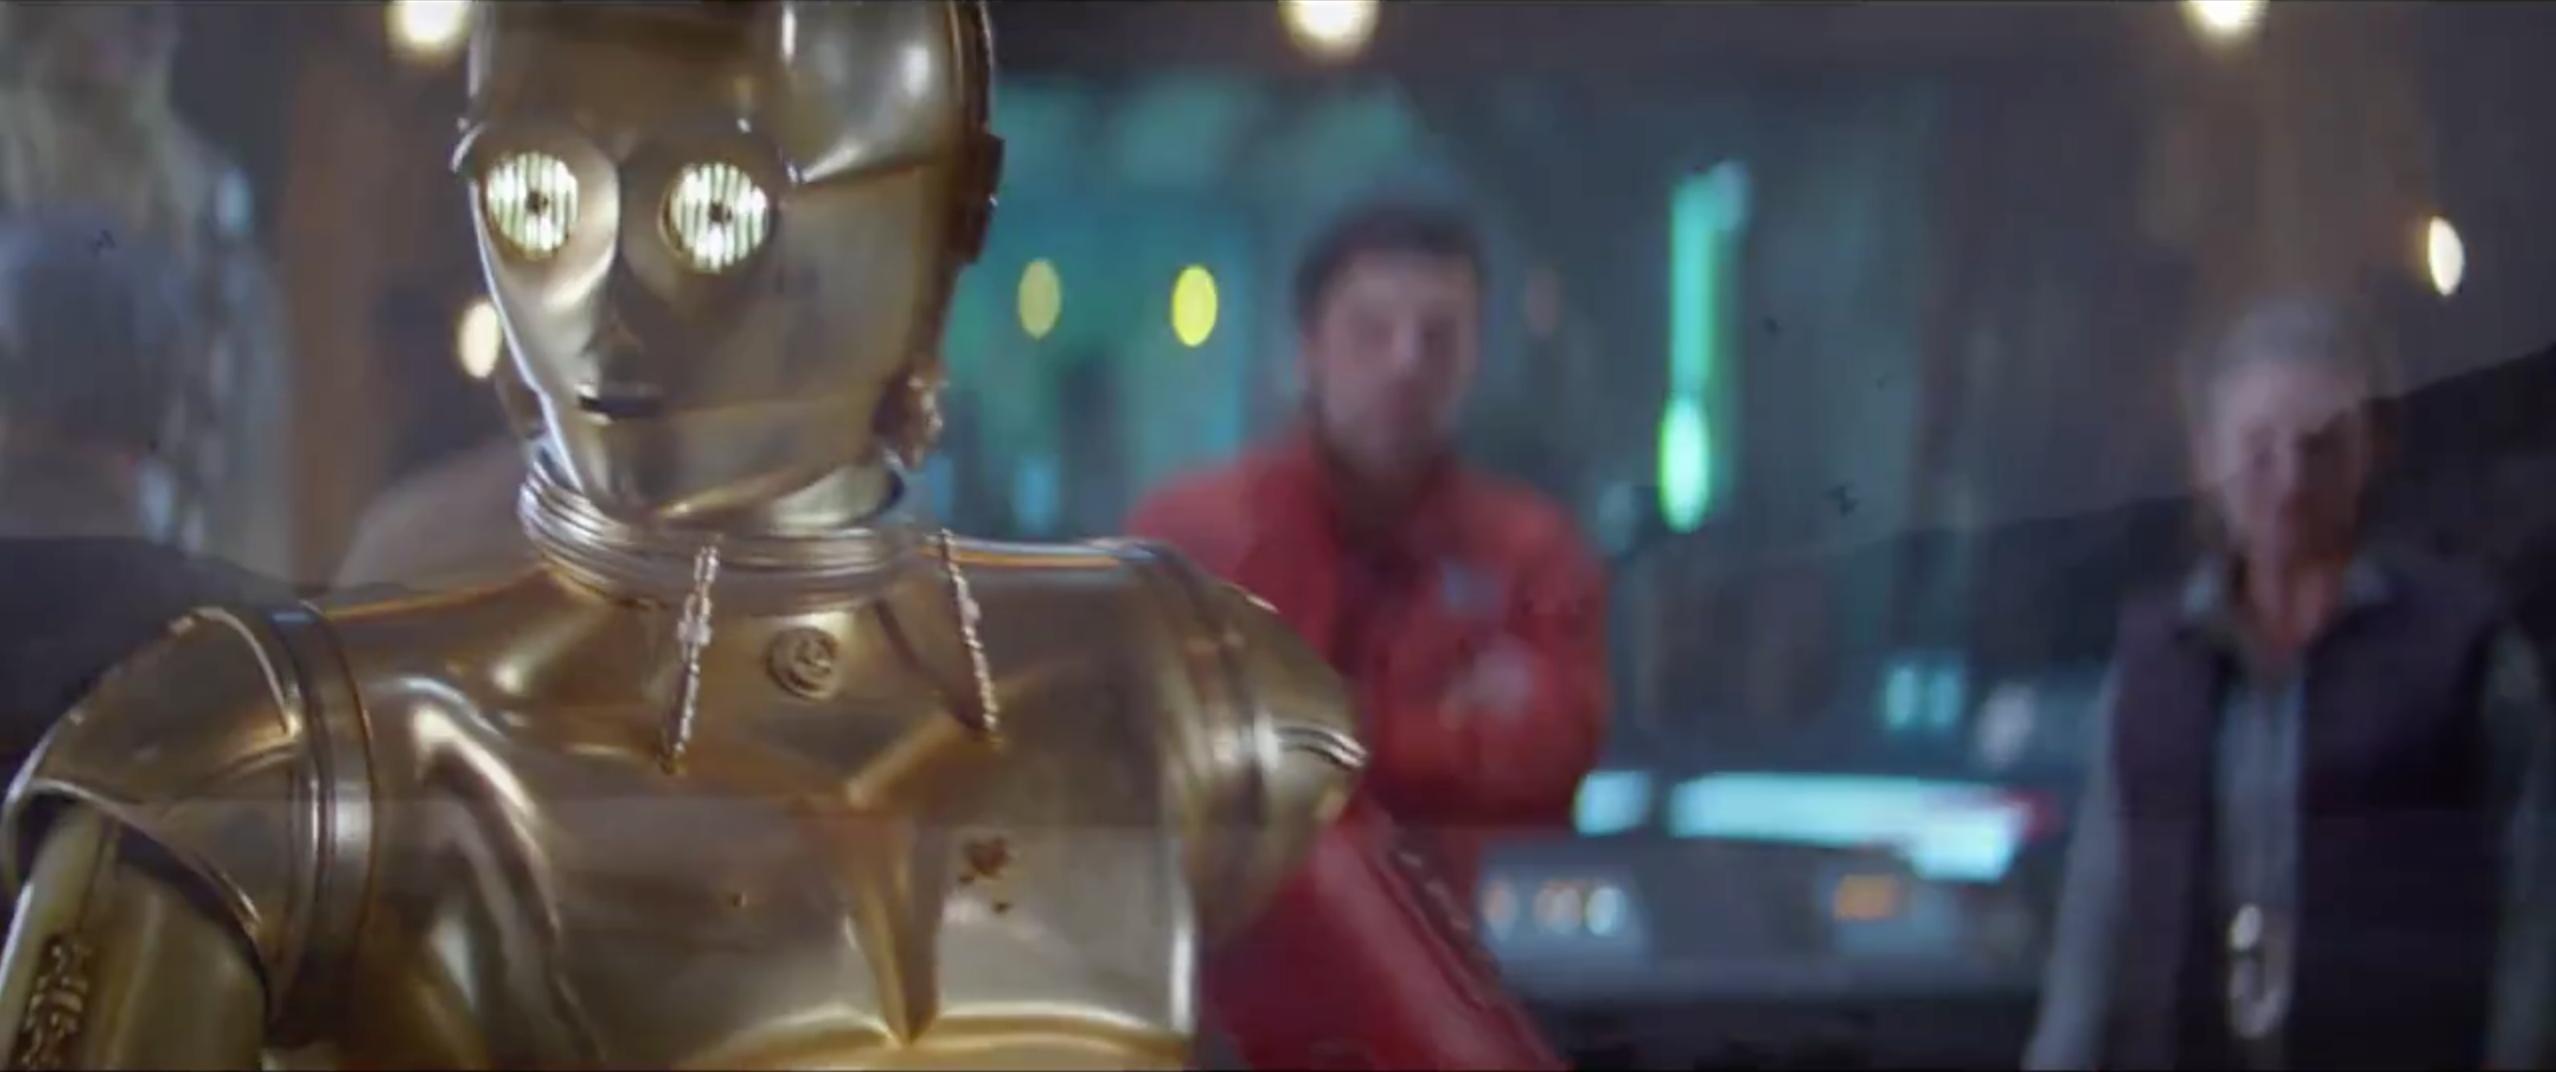 Star Wars - Il risveglio della Forza: C3-PO appare nel trailer giapponese